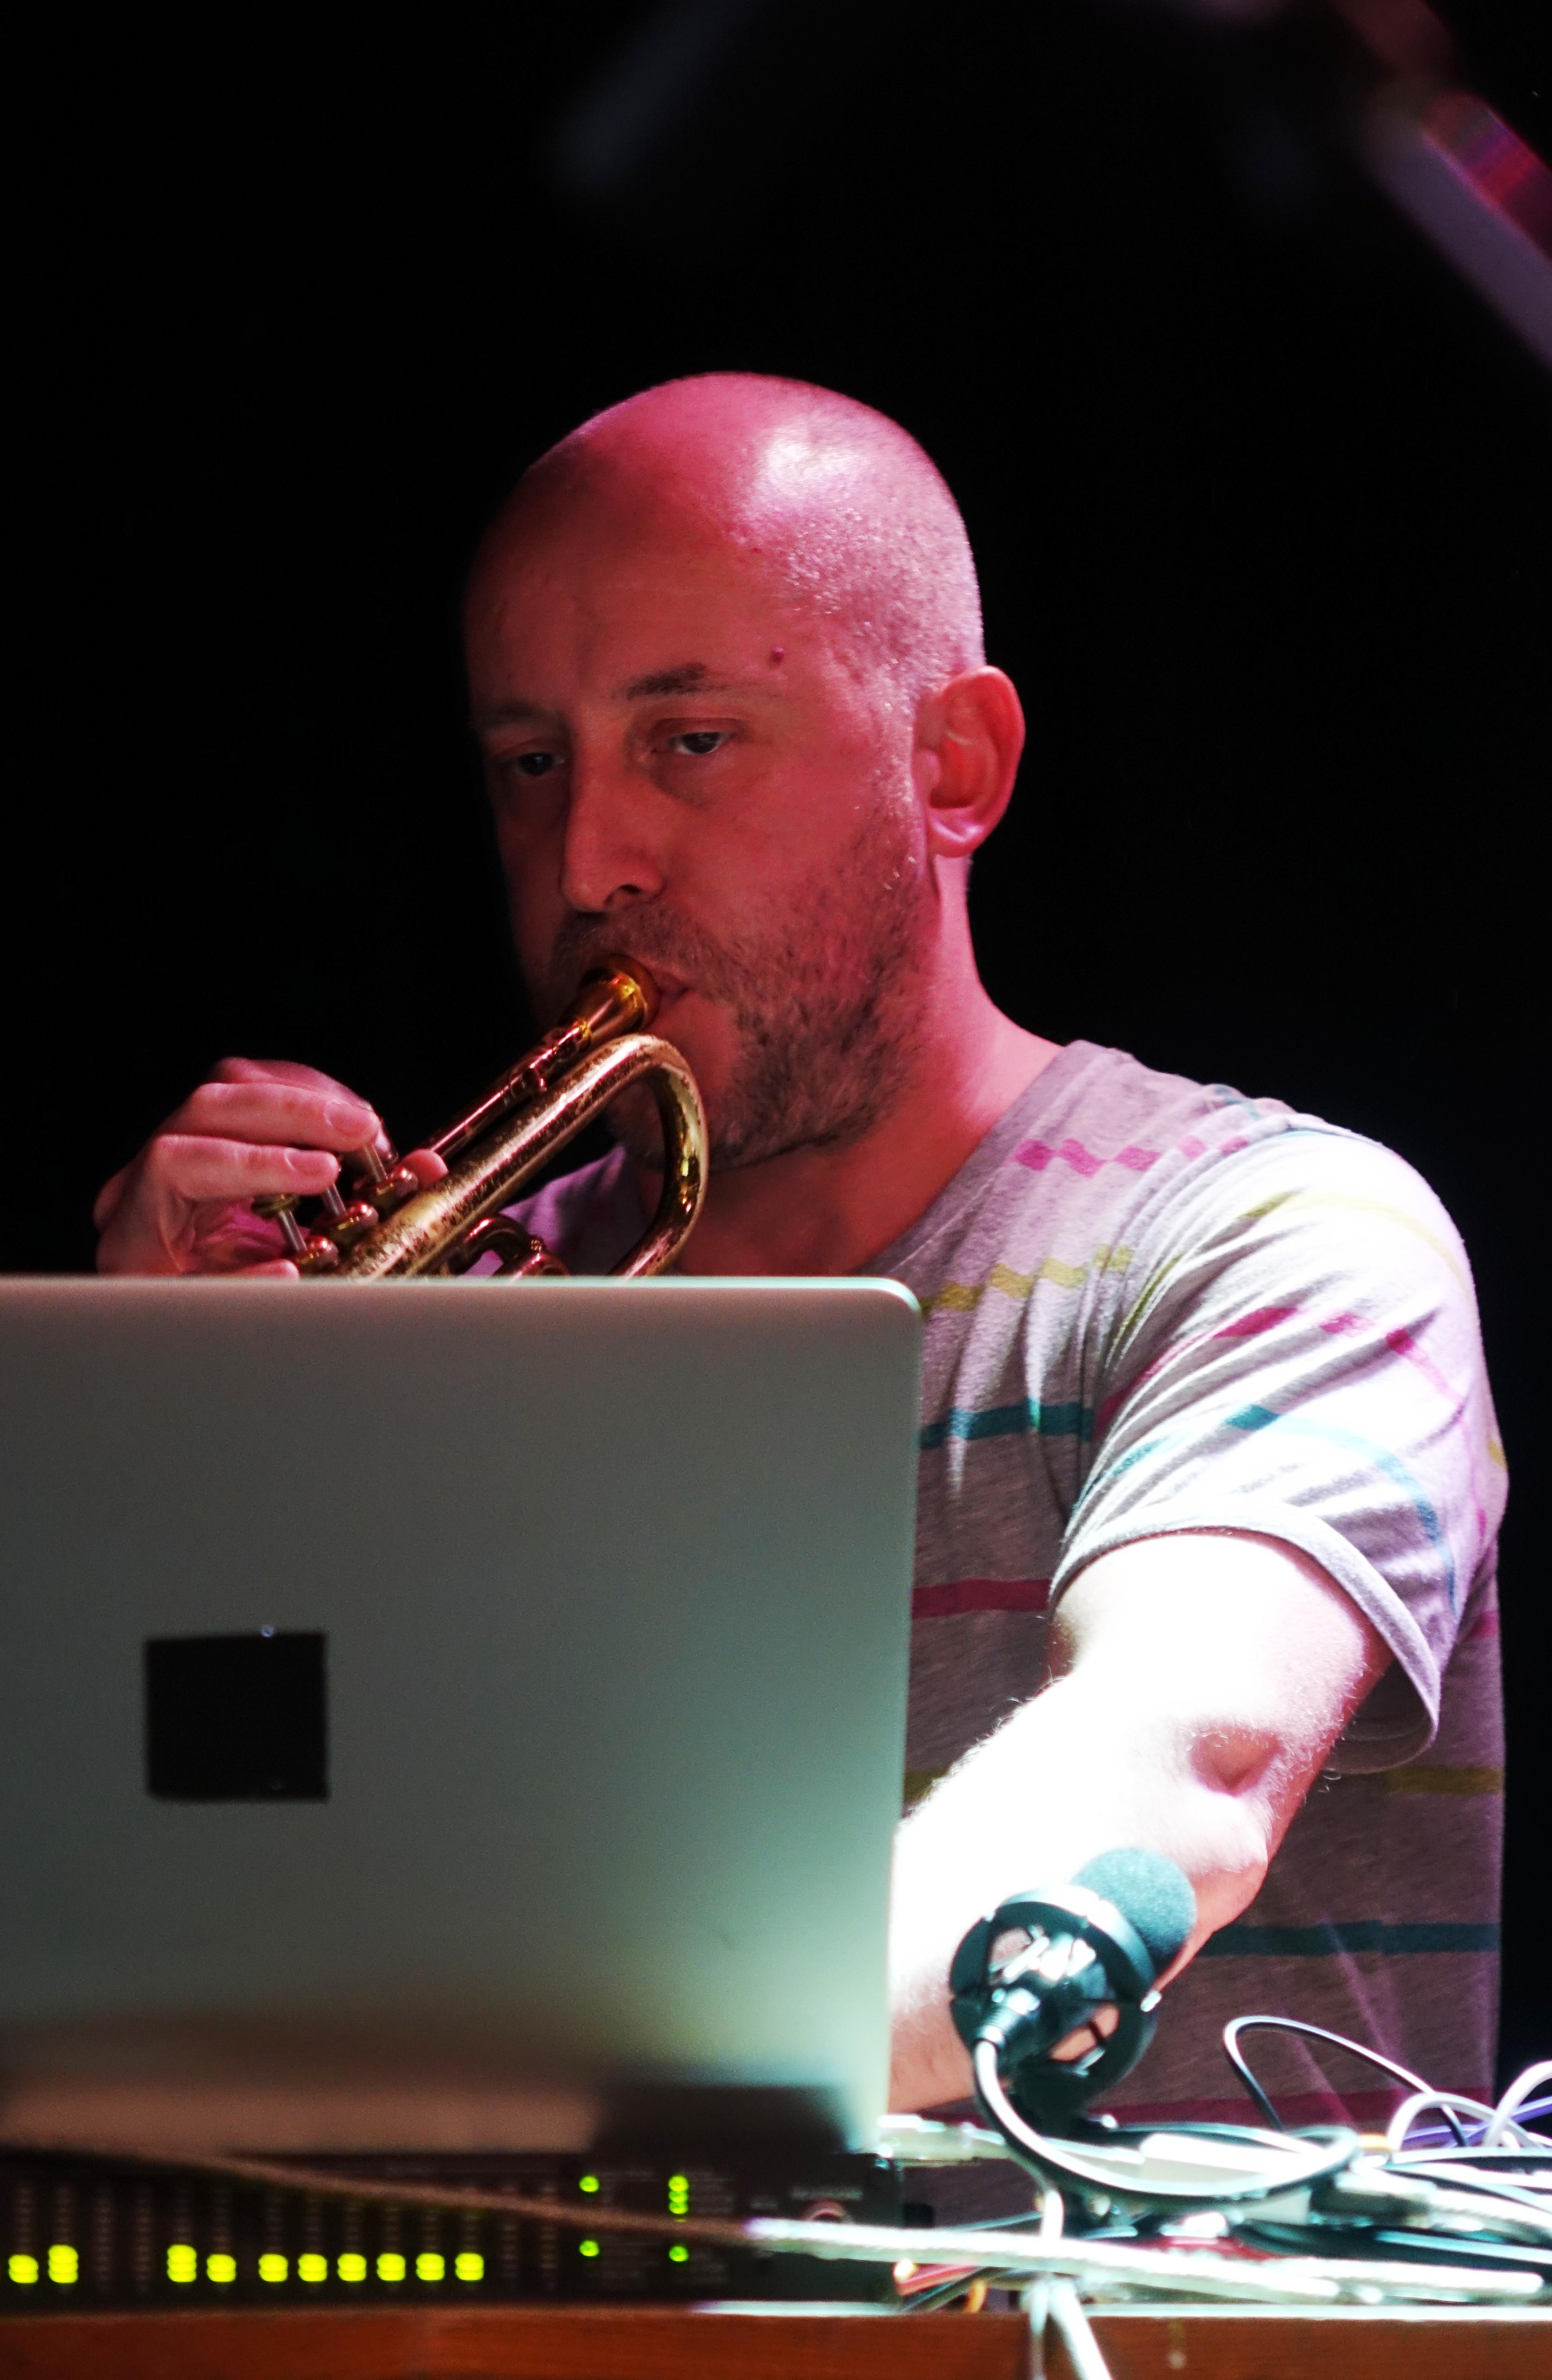 Alex Bonney at the Vortex, London in December 2017